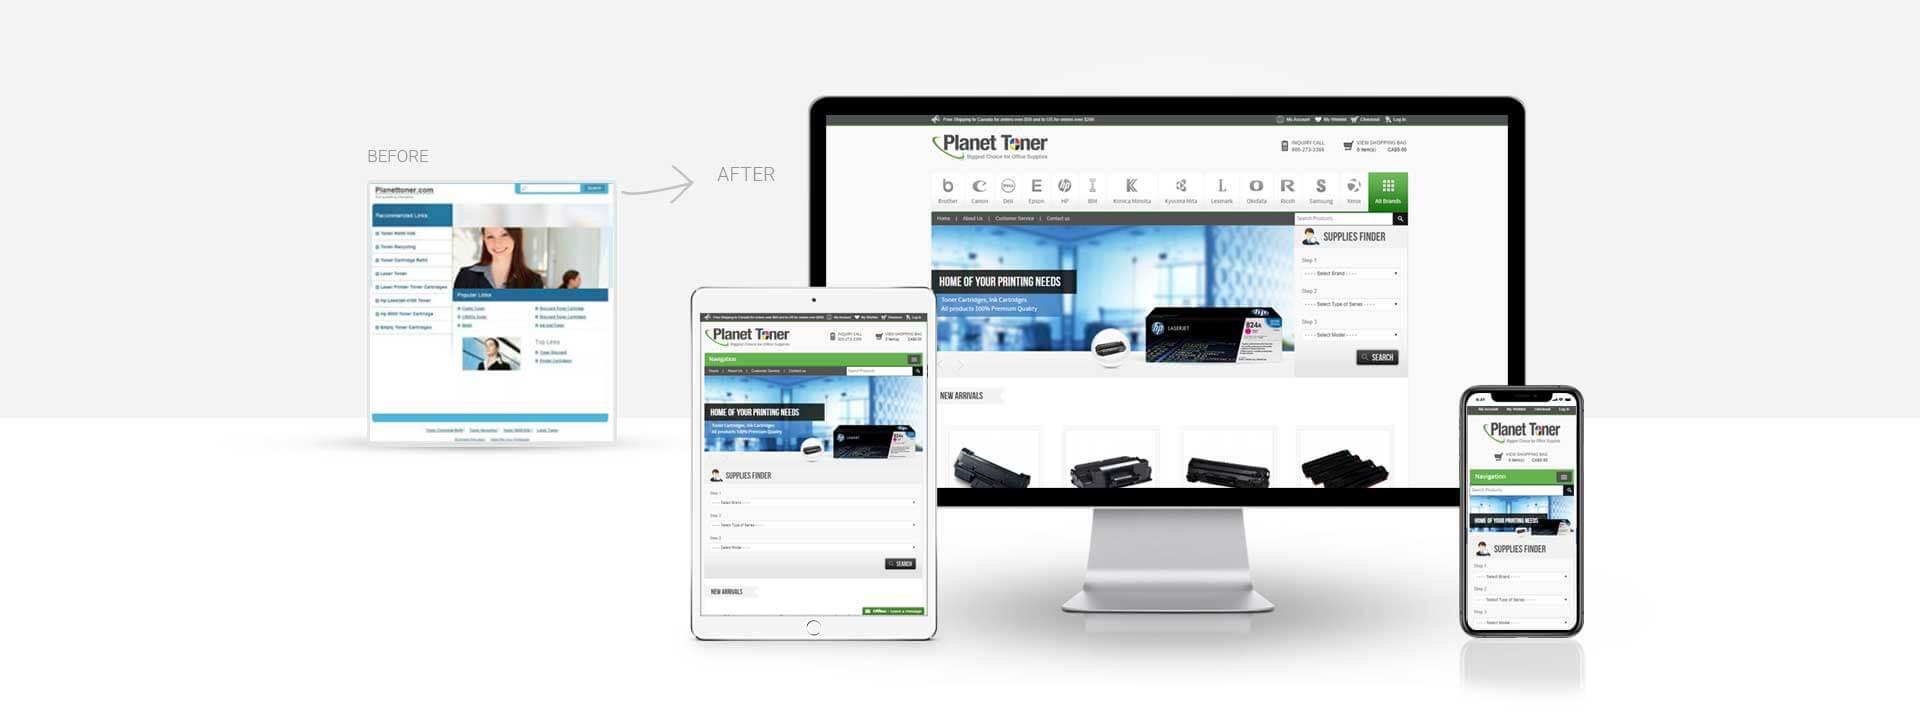 Magento cartridge website